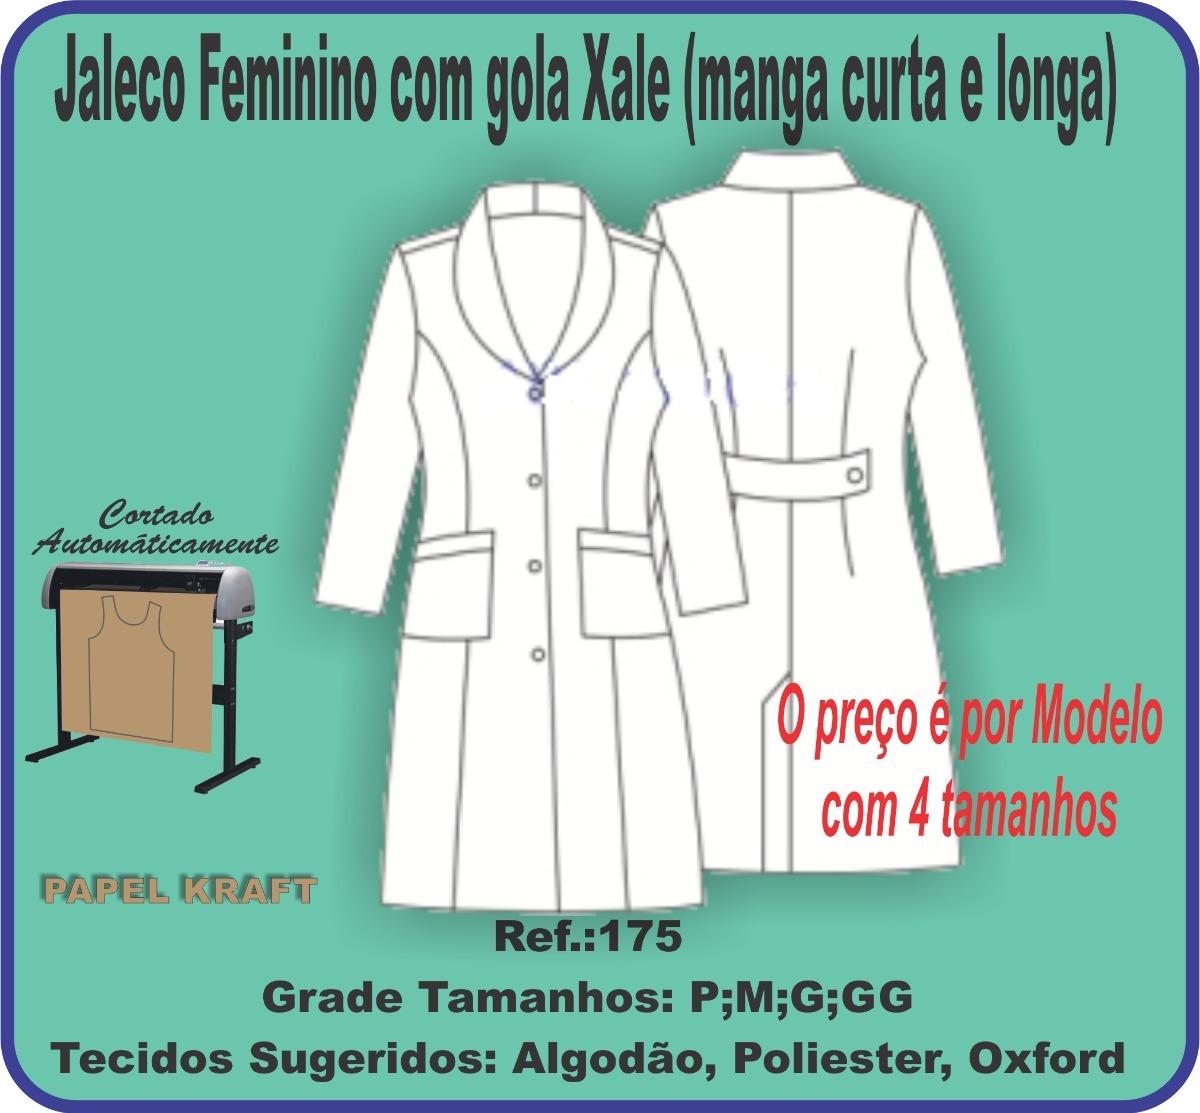 Molde Jaleco Feminino Com Gola Xale Manga Curta E Longa 175 R